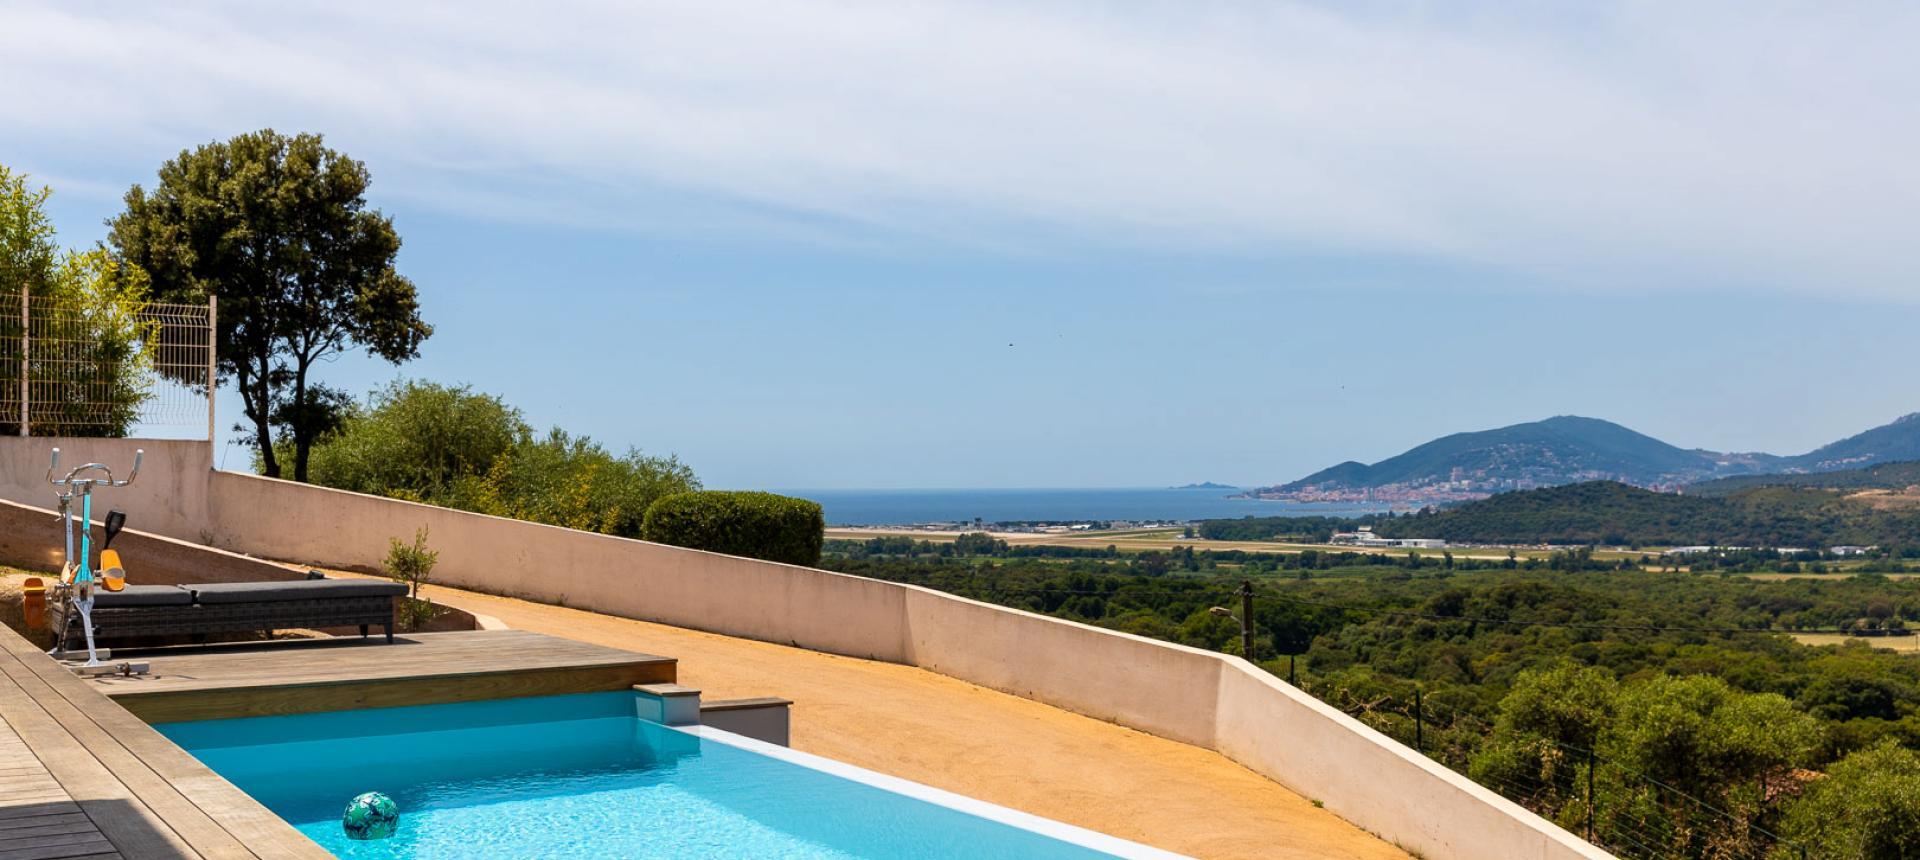 Villa à vendre proche Ajaccio Porticcio piscine à debordement